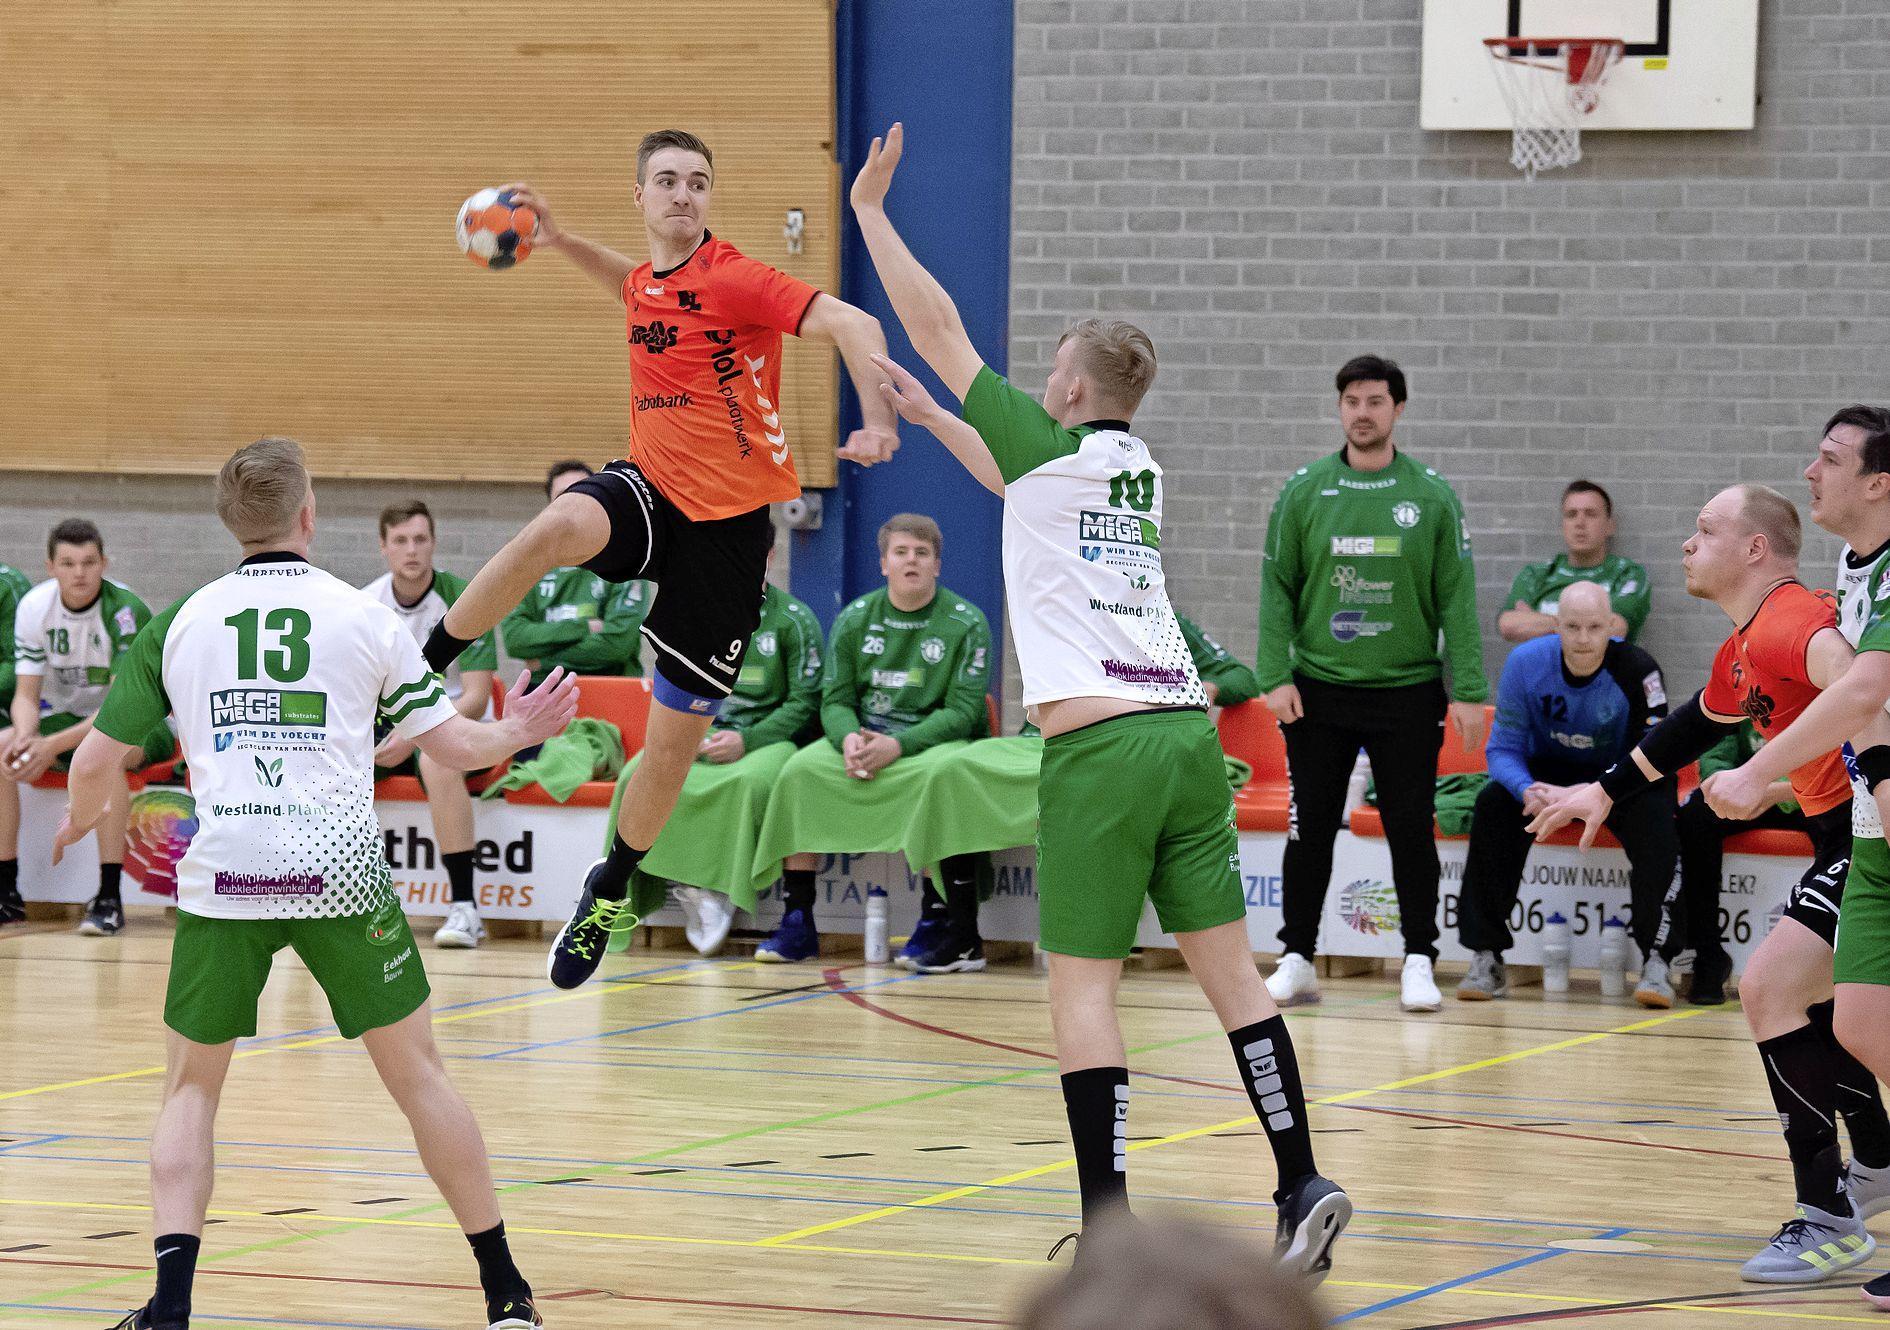 Na een onzekere periode lijkt het lek boven bij de handballers van Volendam [video]